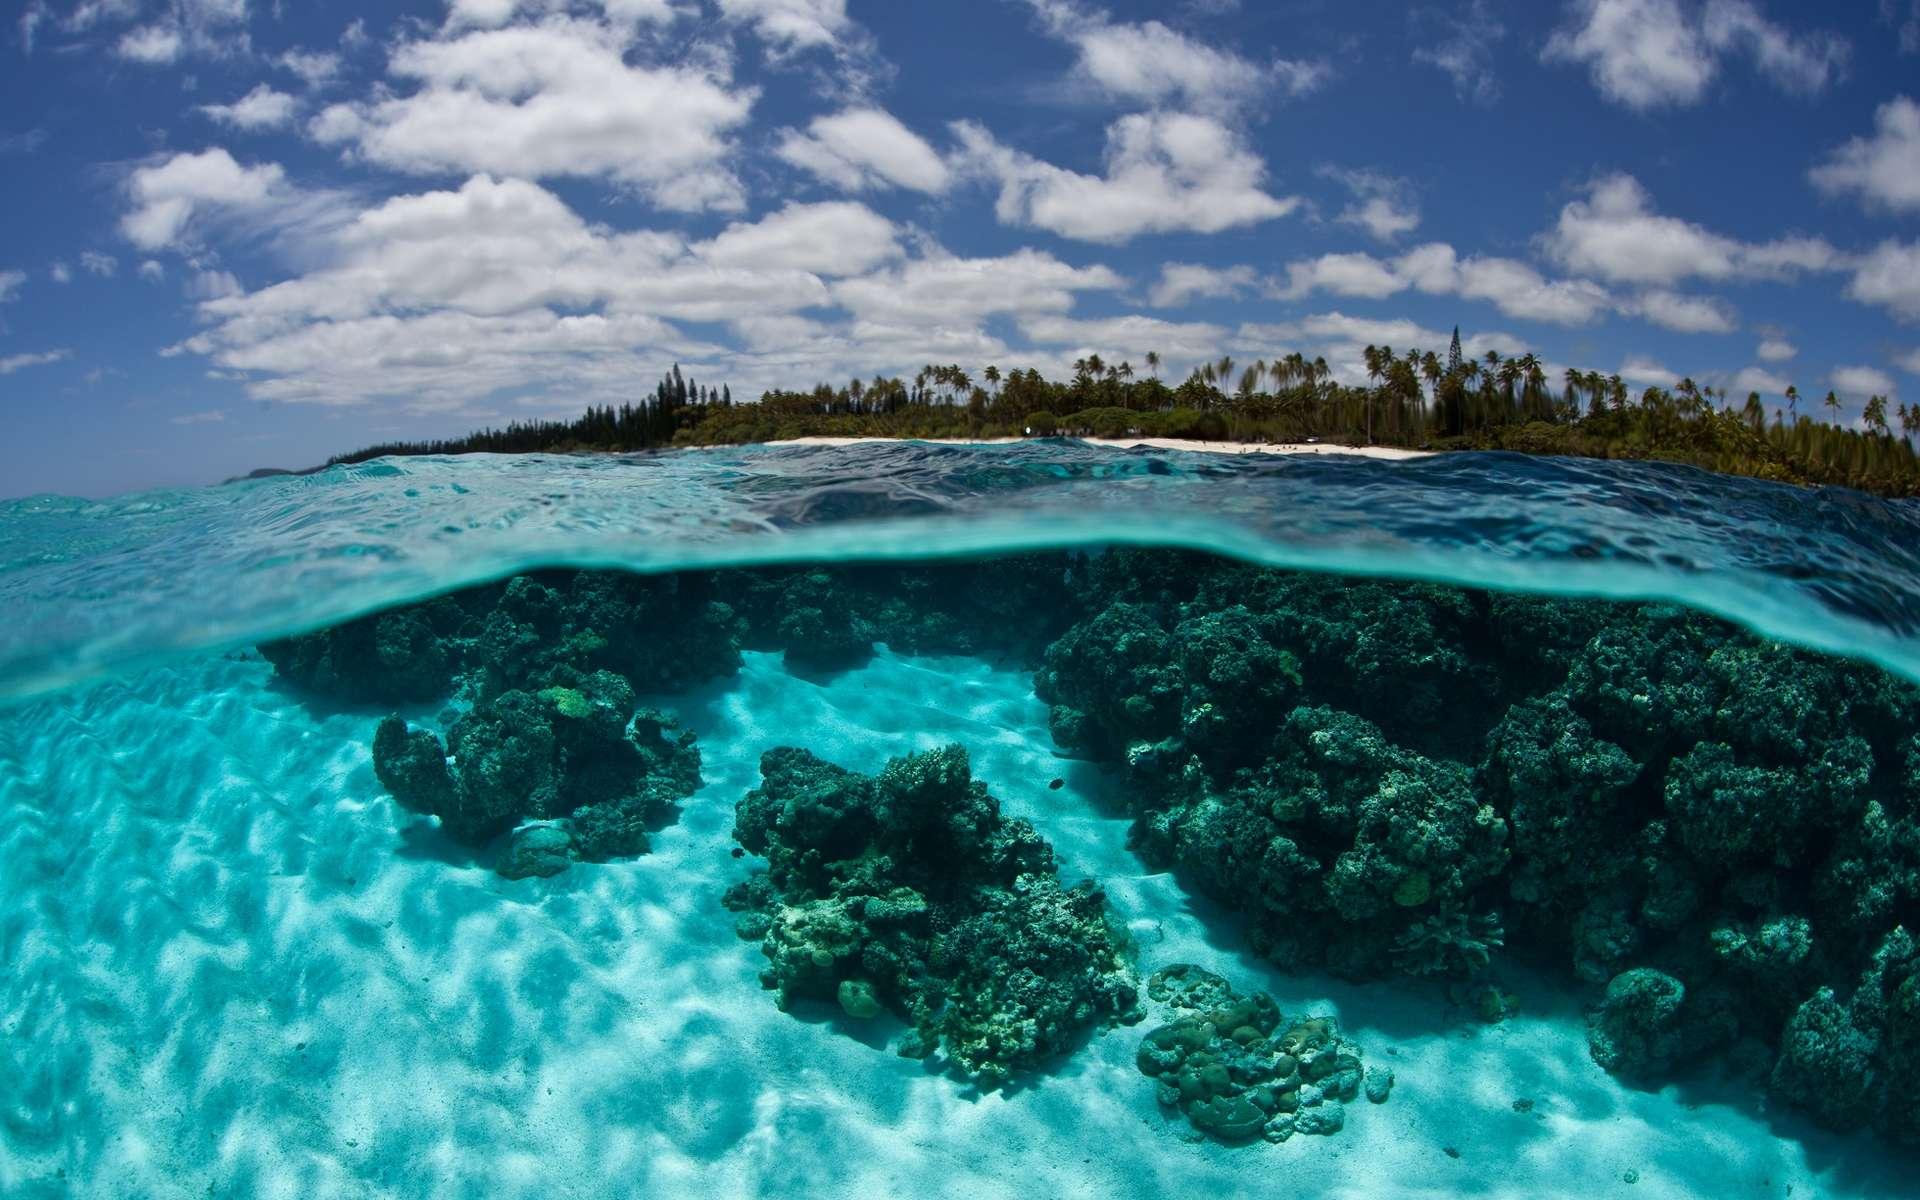 L'état de la biodiversité dans les récifs proches de l'Homme est préoccupant. © Ethan Daniels, Shutterstock